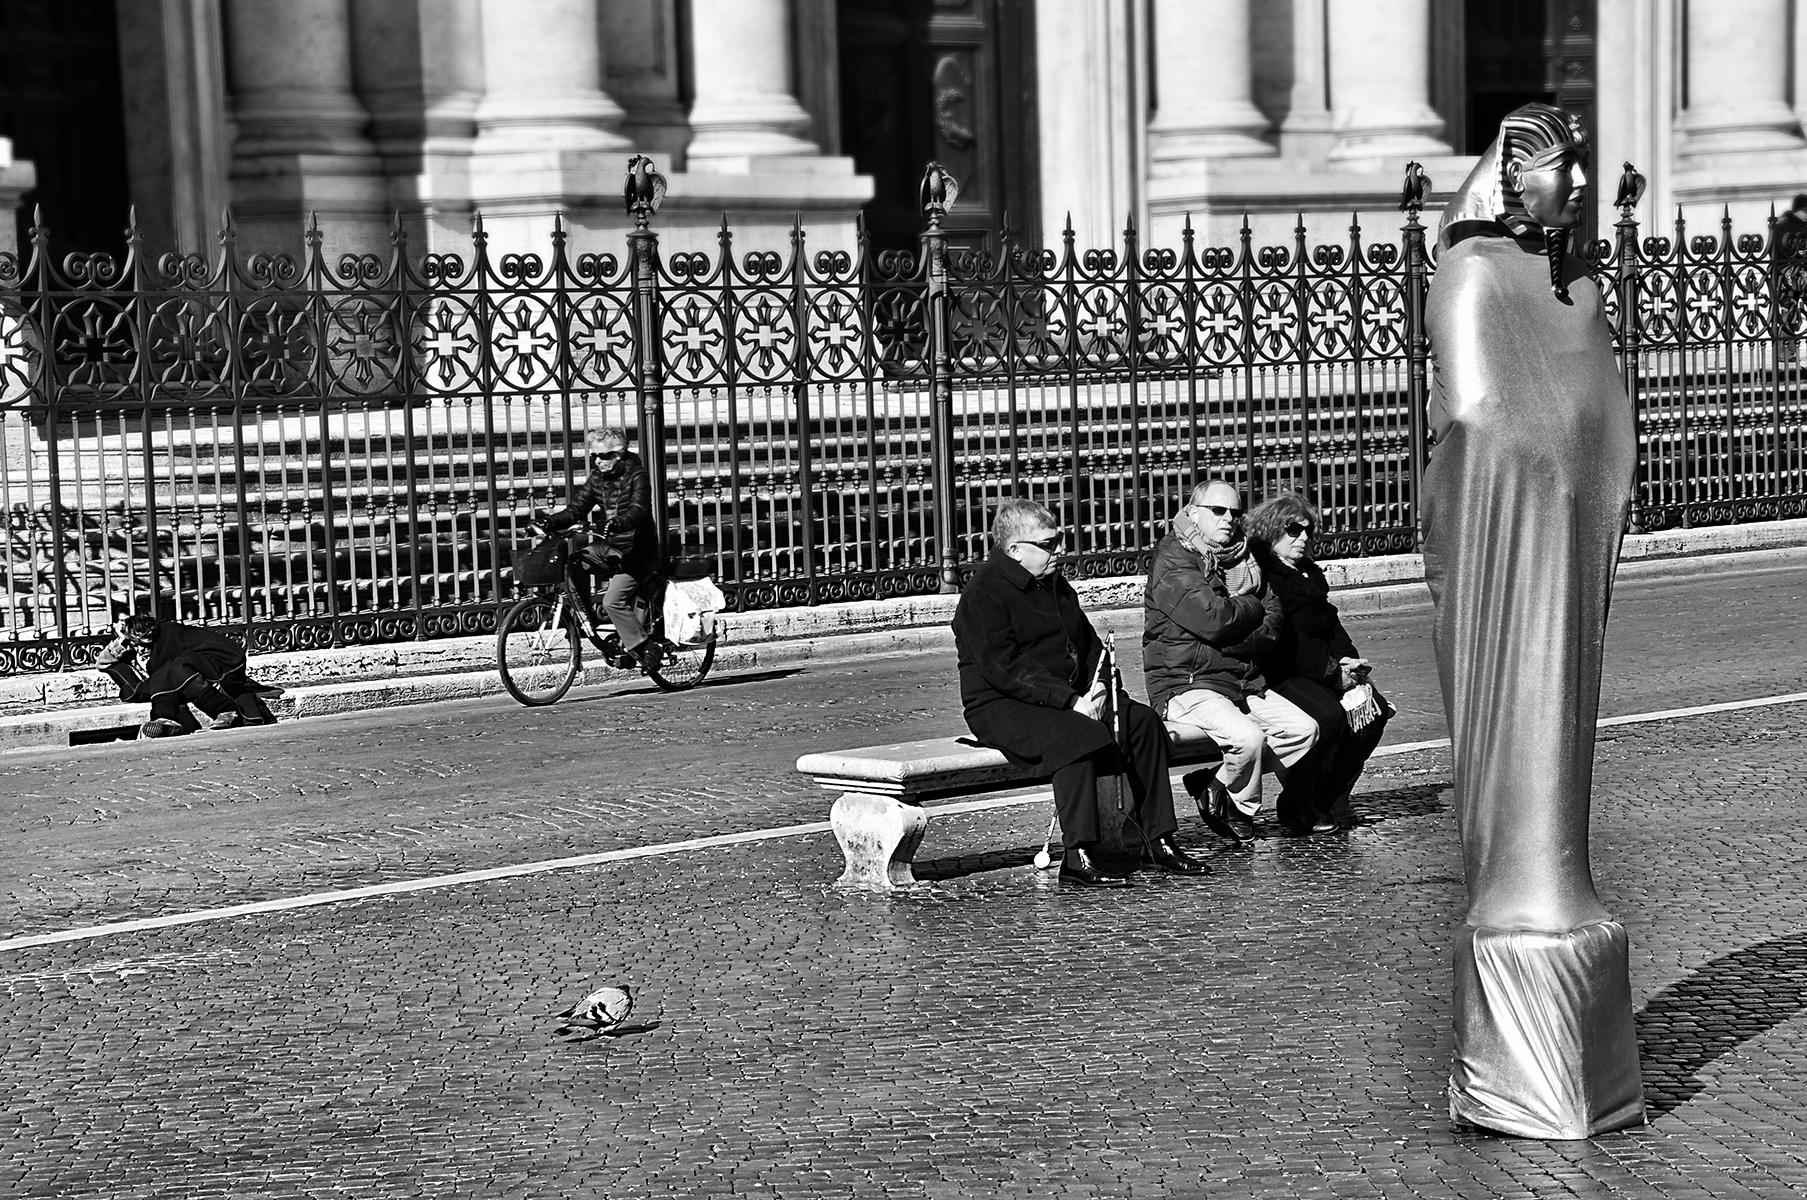 06_italy plaza